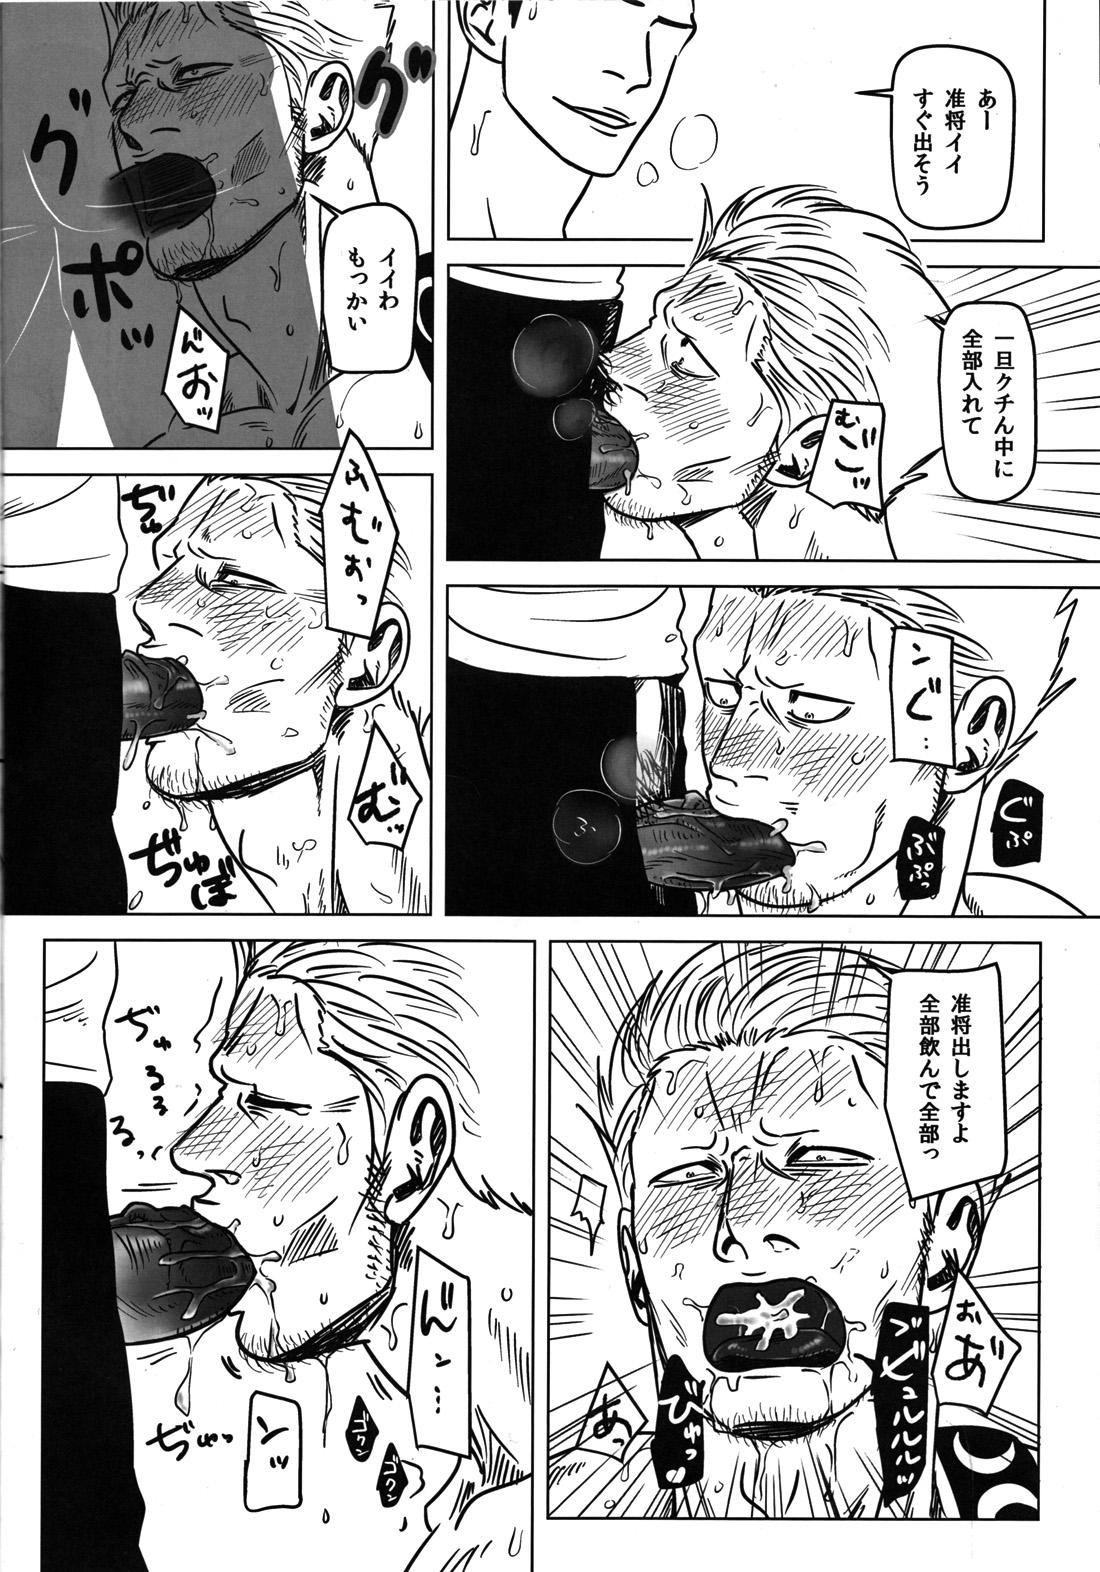 Dai B Chiku 14